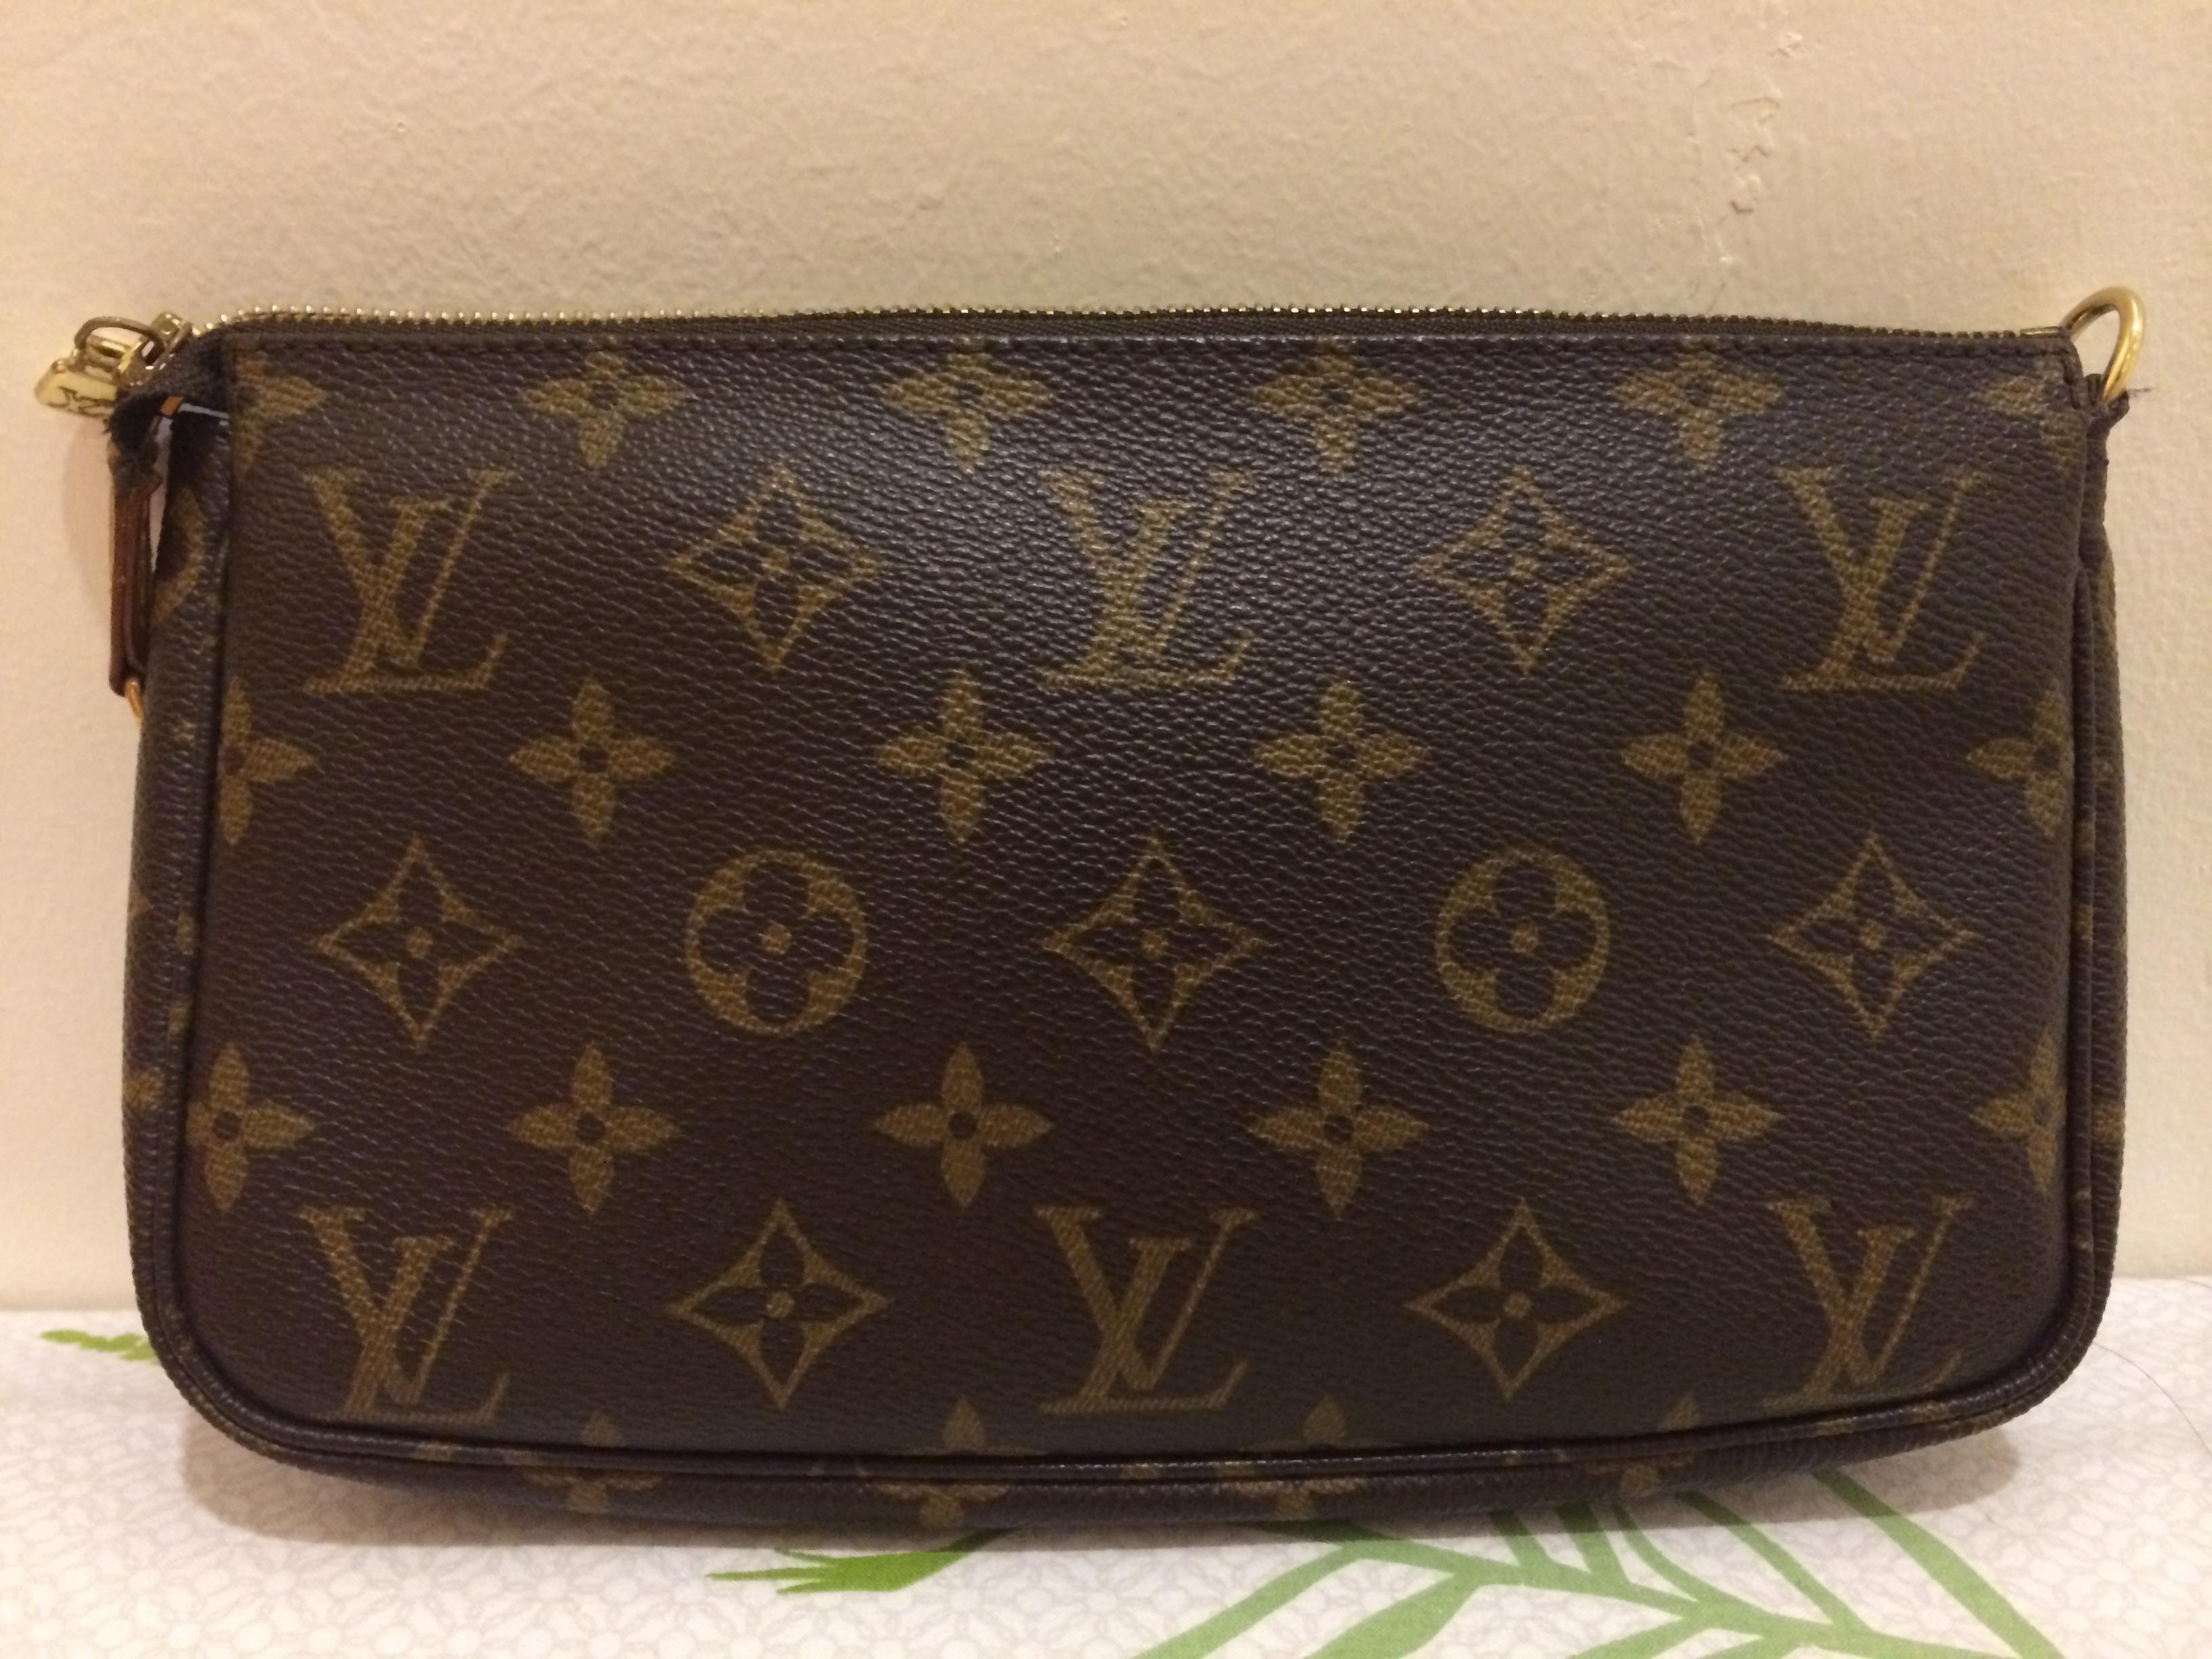 Louis Vuitton Pochette Accessoires nm | Secondhand.my